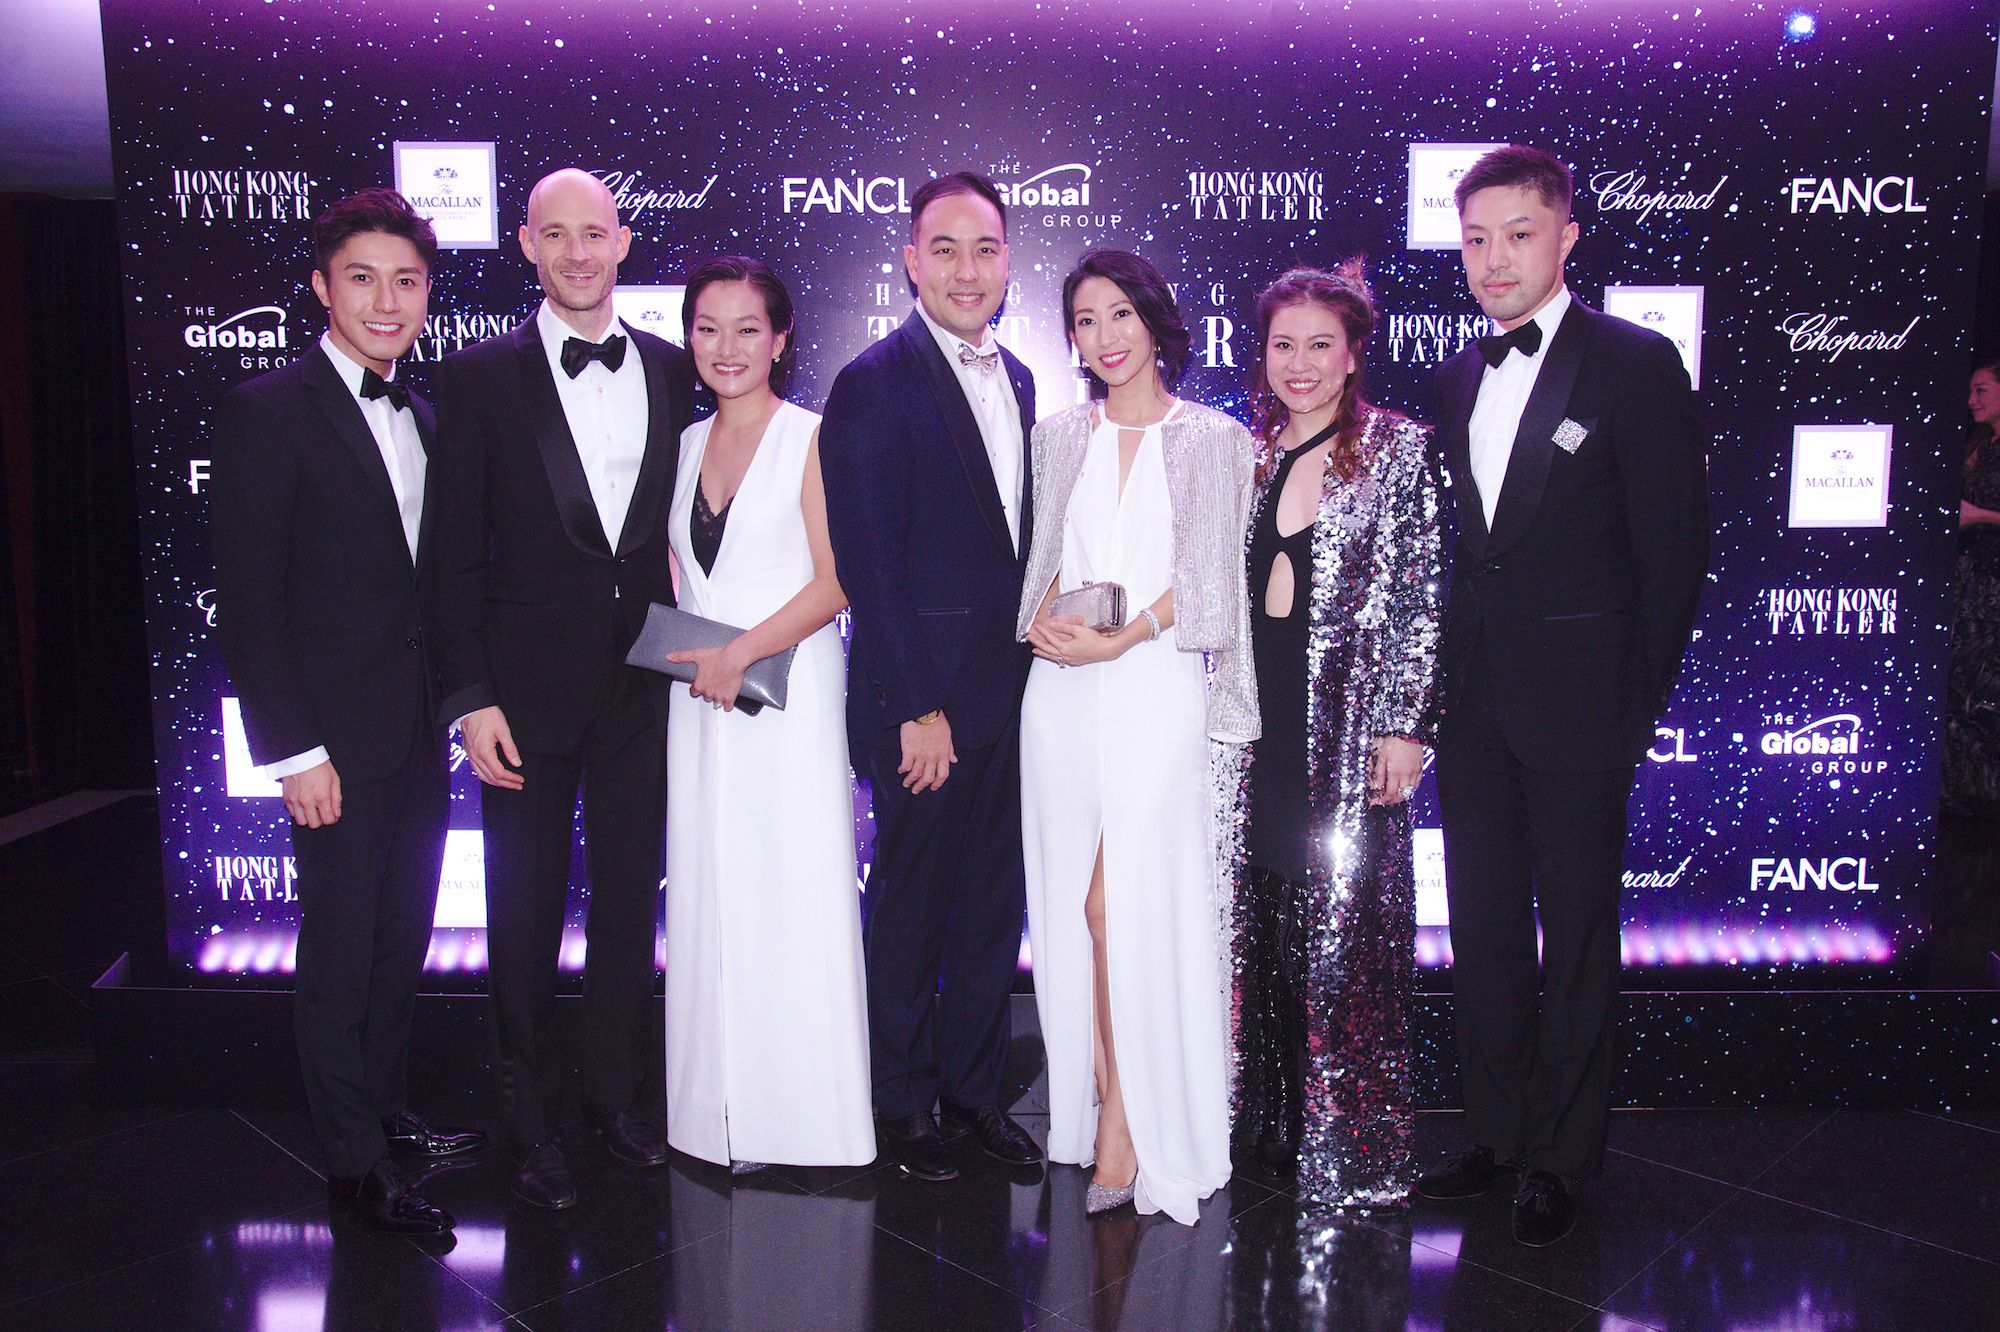 Edwin Pun, Edouard Malingue, Lorraine Malingue, Leonard Chao, Candice Chan, Sandee Sun, Ryan Sun